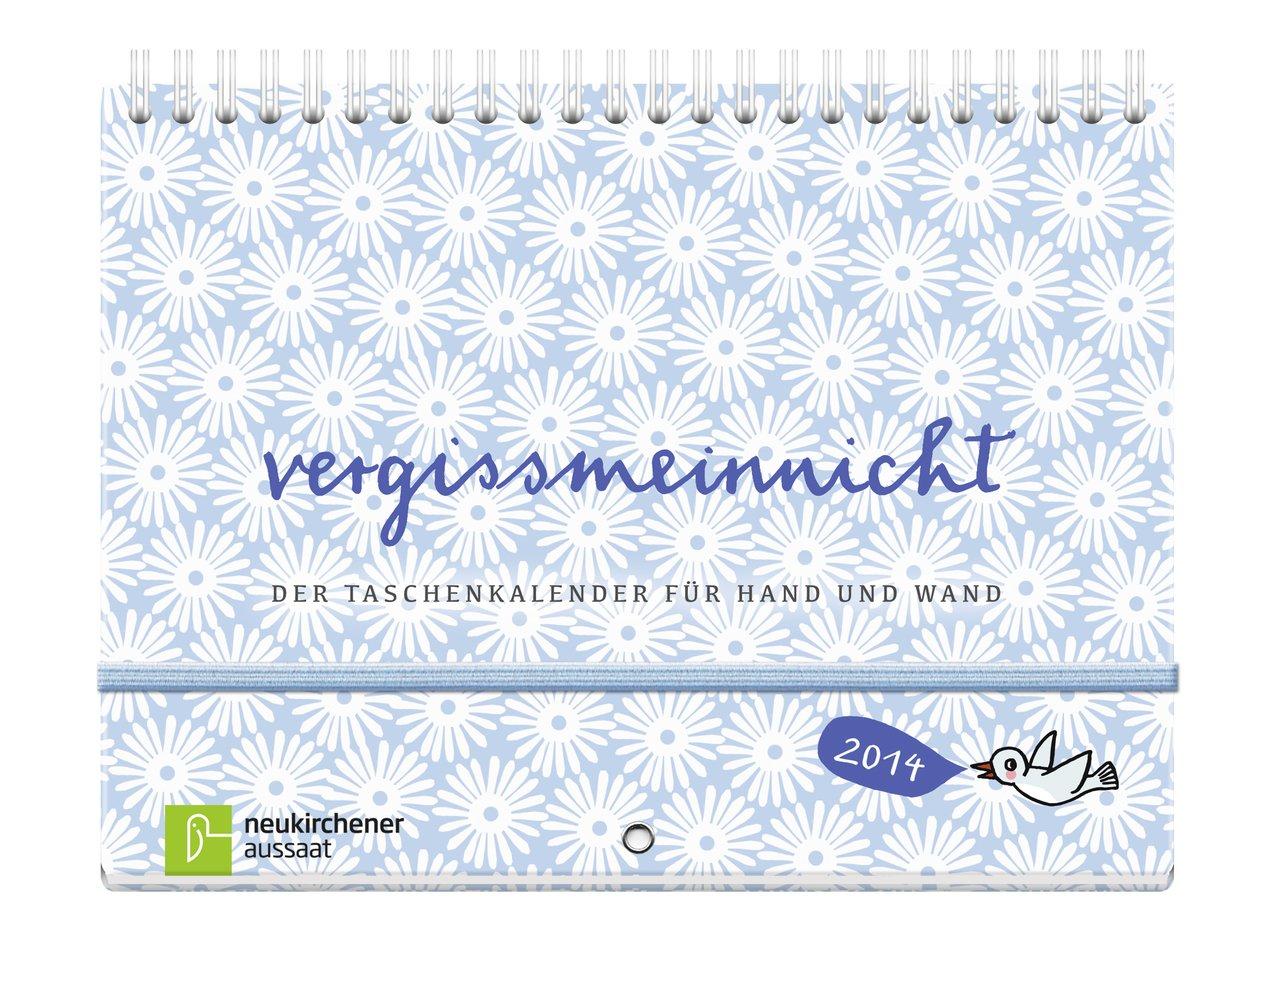 vergissmeinnicht 2014: Der Taschenkalender für Hand und Wand